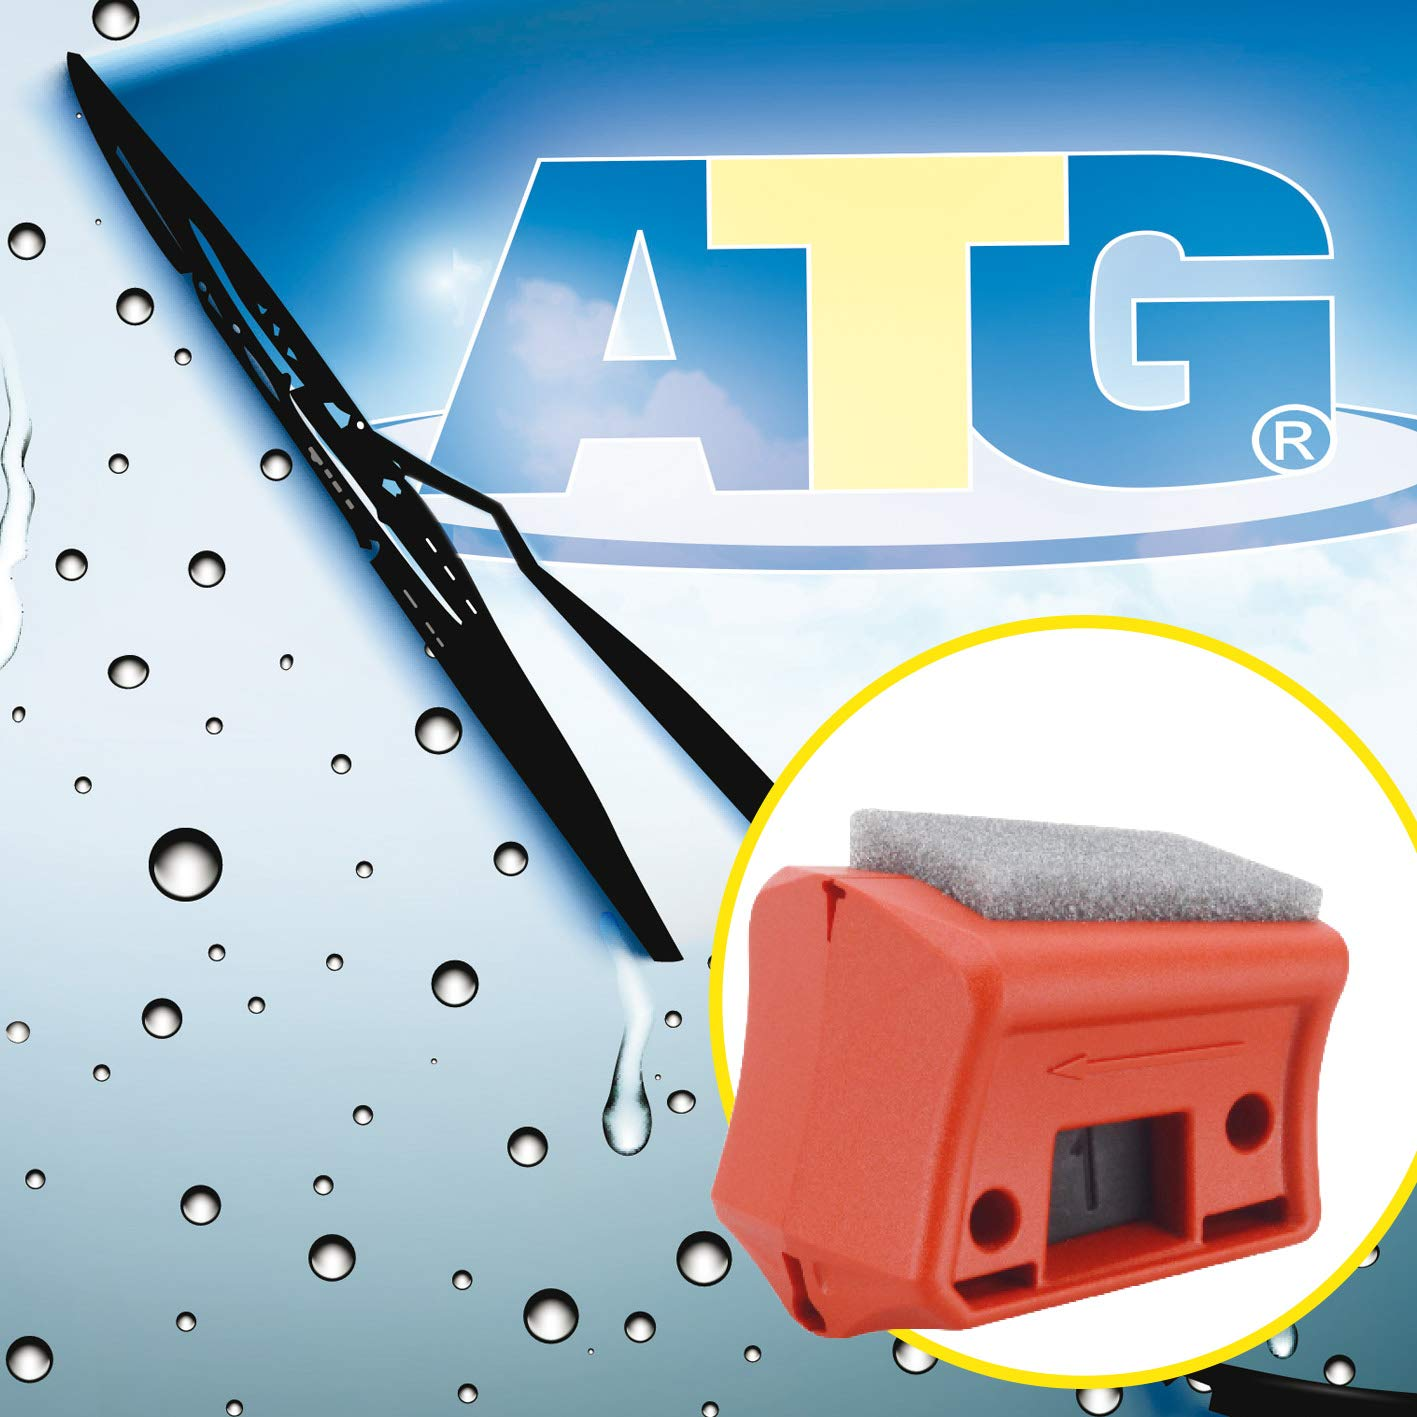 ATG Recortador Universal escobillas limpiaparabrisas Coche - Reparación Goma limpiaparabrisas Universal, rápido y fácil: Amazon.es: Coche y moto